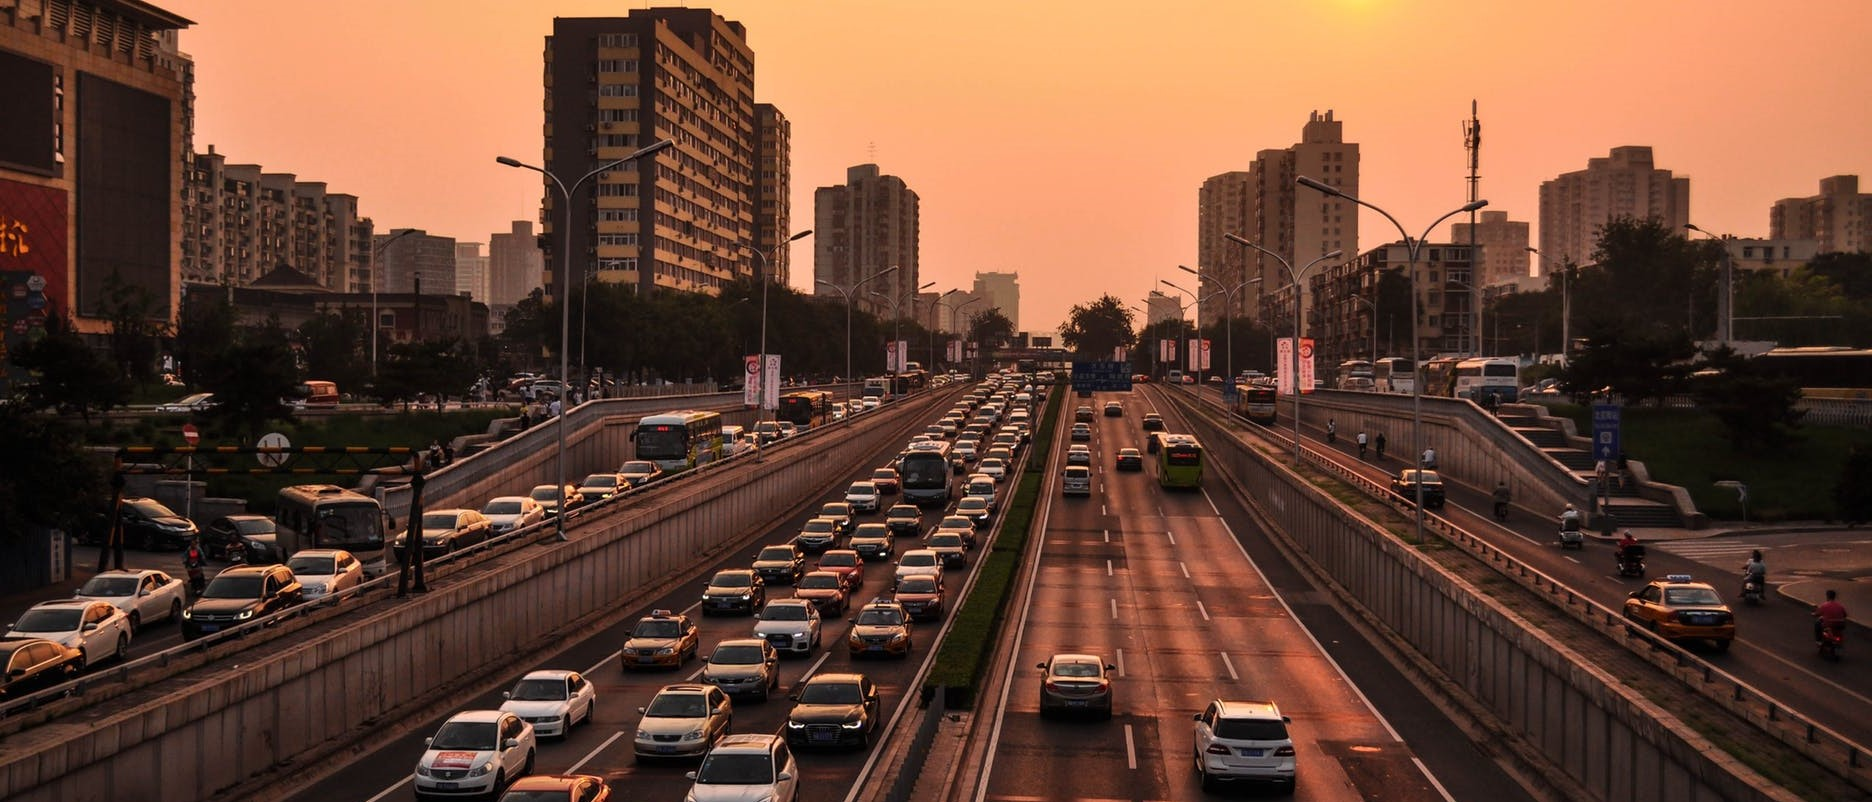 Опыт клиентского сервиса в автоиндустрии важнее процесса покупки